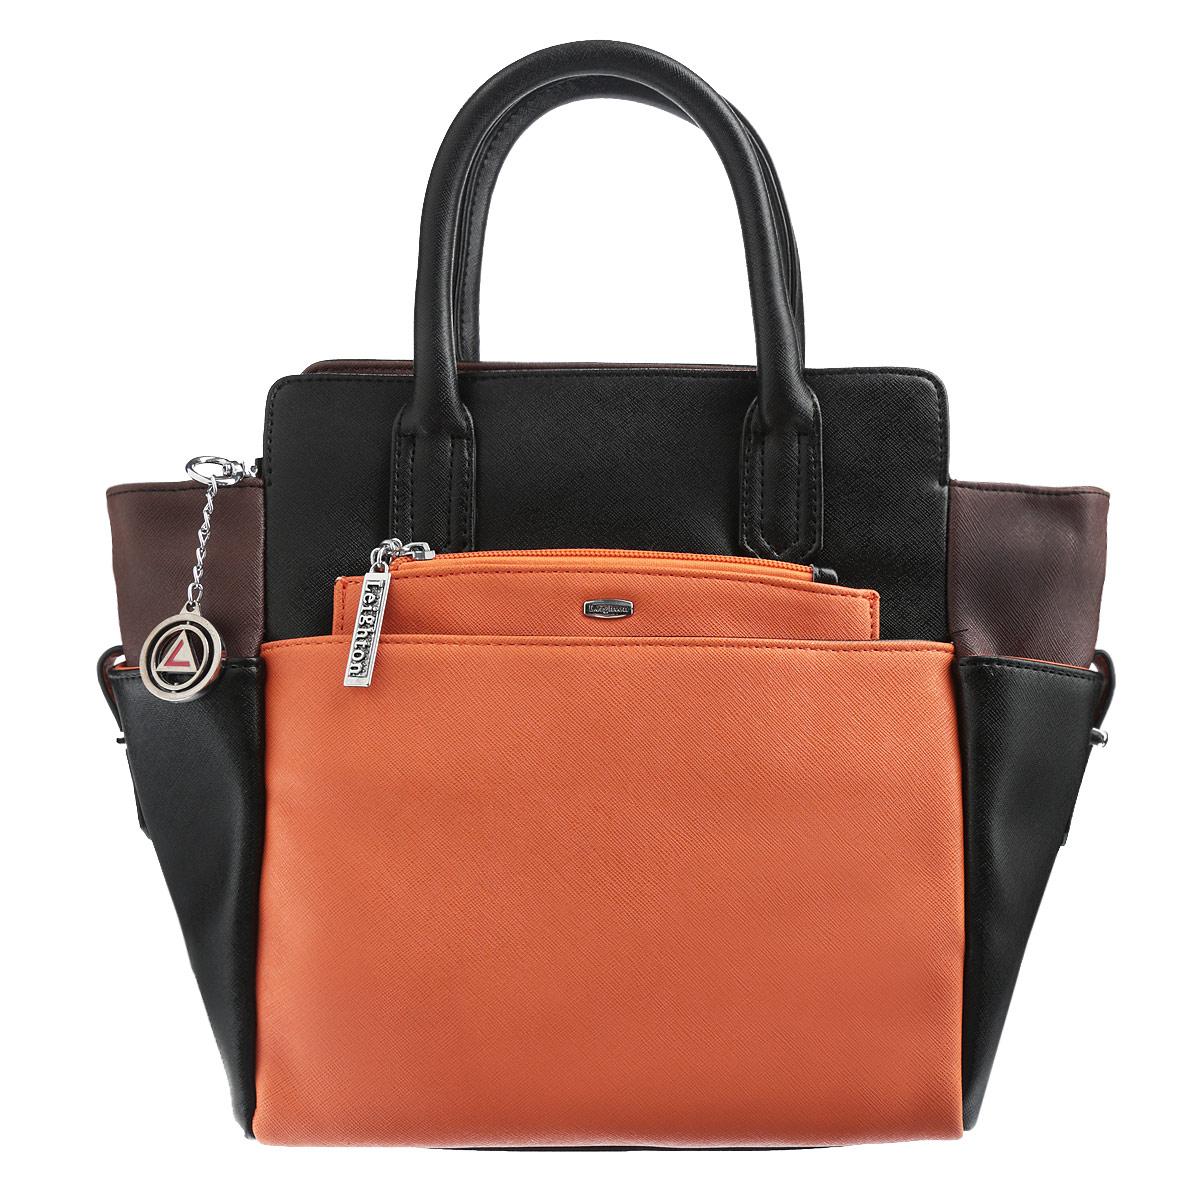 Сумка женская Leighton, цвет: черный, темно-коричневый, оранжевый. 570382-3769/1/3769/7/3769BA7426Стильная женская сумка Leighton изготовлена из высококачественной искусственной кожи. Сумка состоит из одного большого отделения. Внутри расположены два накладных кармашка для мелочей, один вшитый карман на застежке-молнии и смежный карман на застежке-молнии. Тыльная и фронтальная стороны сумки дополнены карманами на магнитных кнопках. Также сумка дополнена съемным карманом-портмоне на цепочке, который надежно закрепляется на магнитной кнопке в одном из карманов, но при необходимости может быть извлечен. На внутренней части сумки находятся два прорезных кармана на застежке-молнии, расположенные выше основного отделения. Боковые стороны сумки также оснащены небольшими карманами на ремешках.Сумка имеет удобные ручки для переноски и плечевой ремень с регулируемой длиной. Дно защищено четырьмя металлическими ножками, обеспечивающими необходимую устойчивость. Сумка Leighton - это практичный и удобный аксессуар, который станет функциональным дополнением к любому стилю. Блестящий дизайн сумки, сочетающий классические формы с оригинальным оформлением, позволит вам подчеркнуть свою индивидуальность и сделает ваш образ изысканным и завершенным.